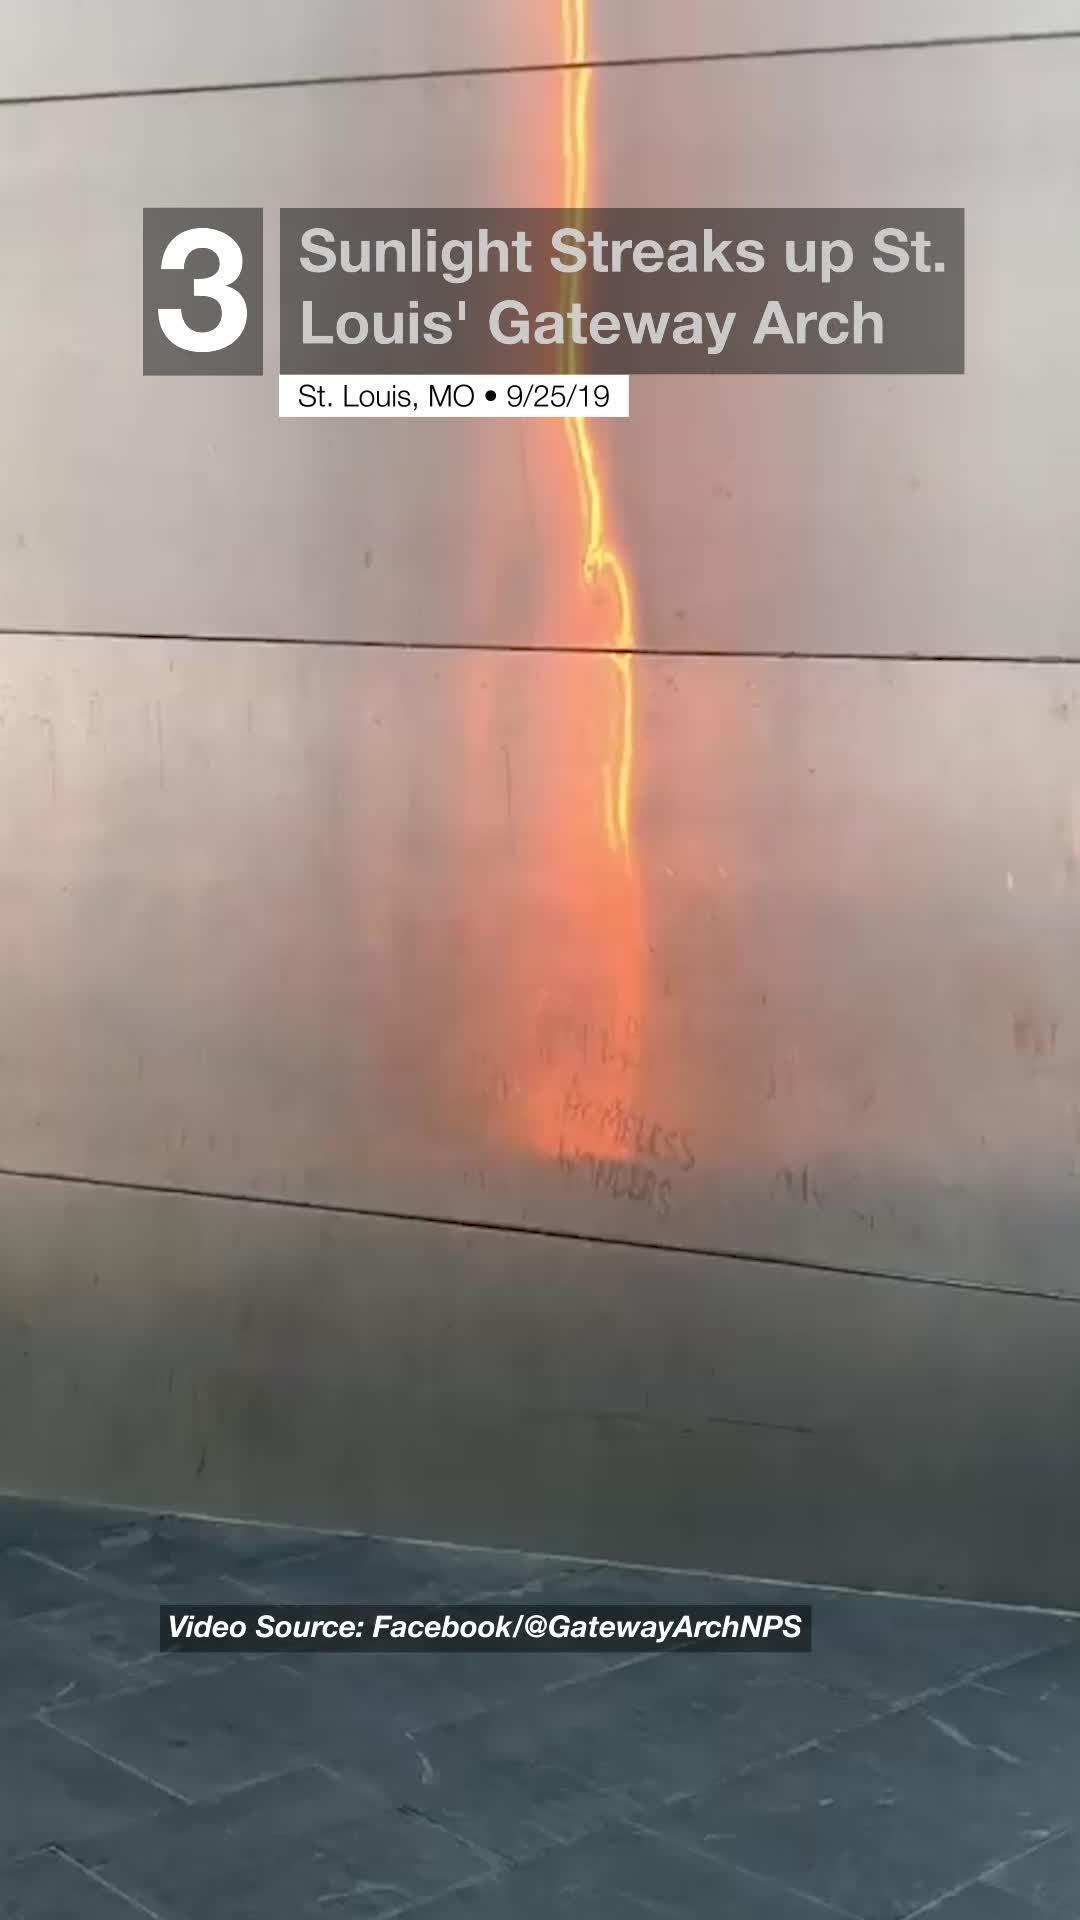 Sunlight Streaks up Gateway Arch